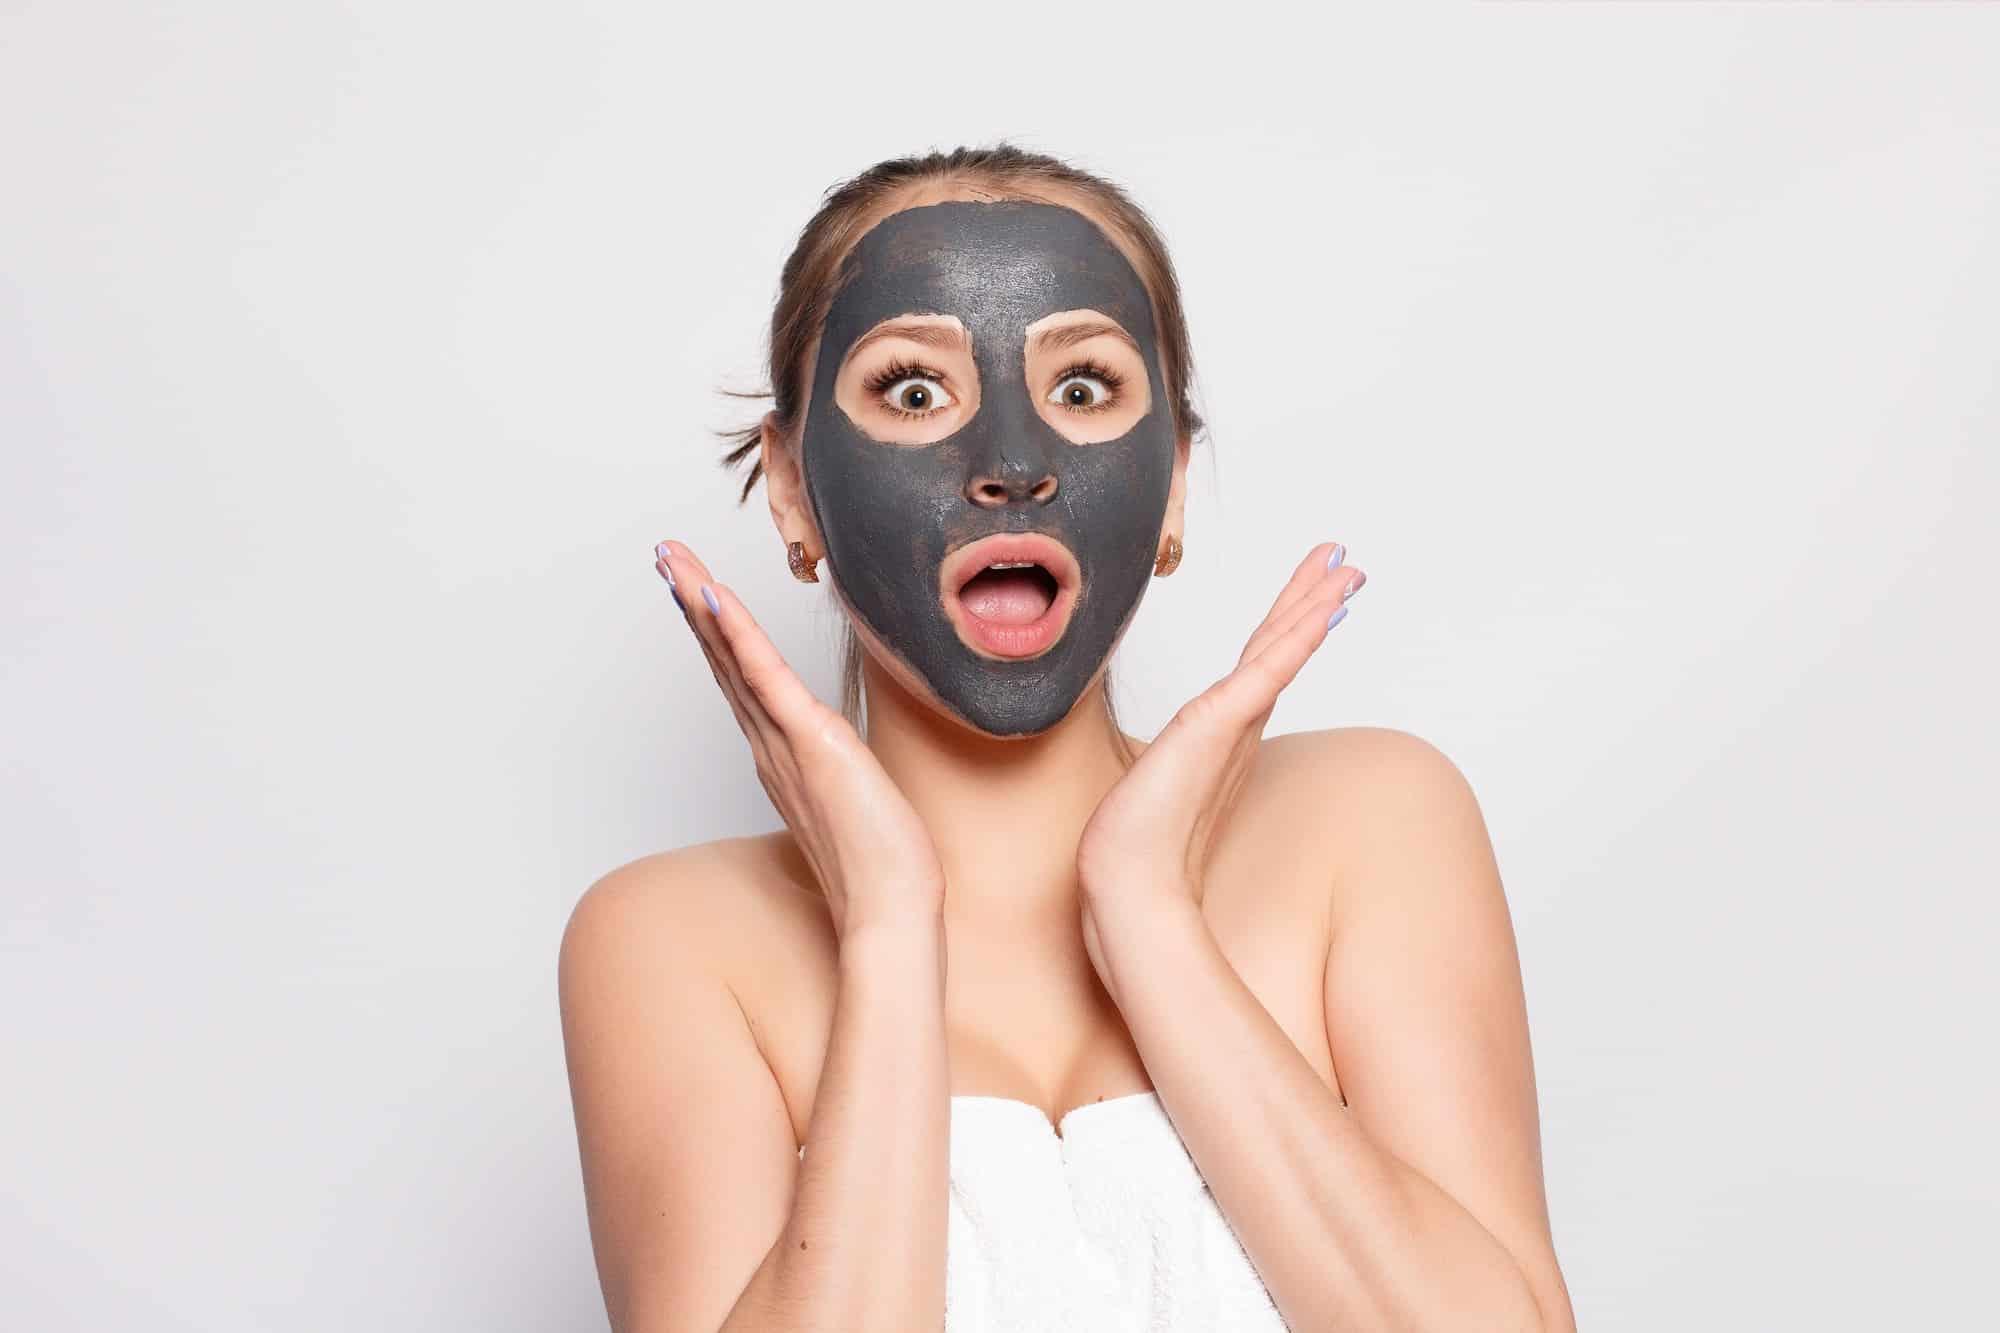 blackmask per punti neri